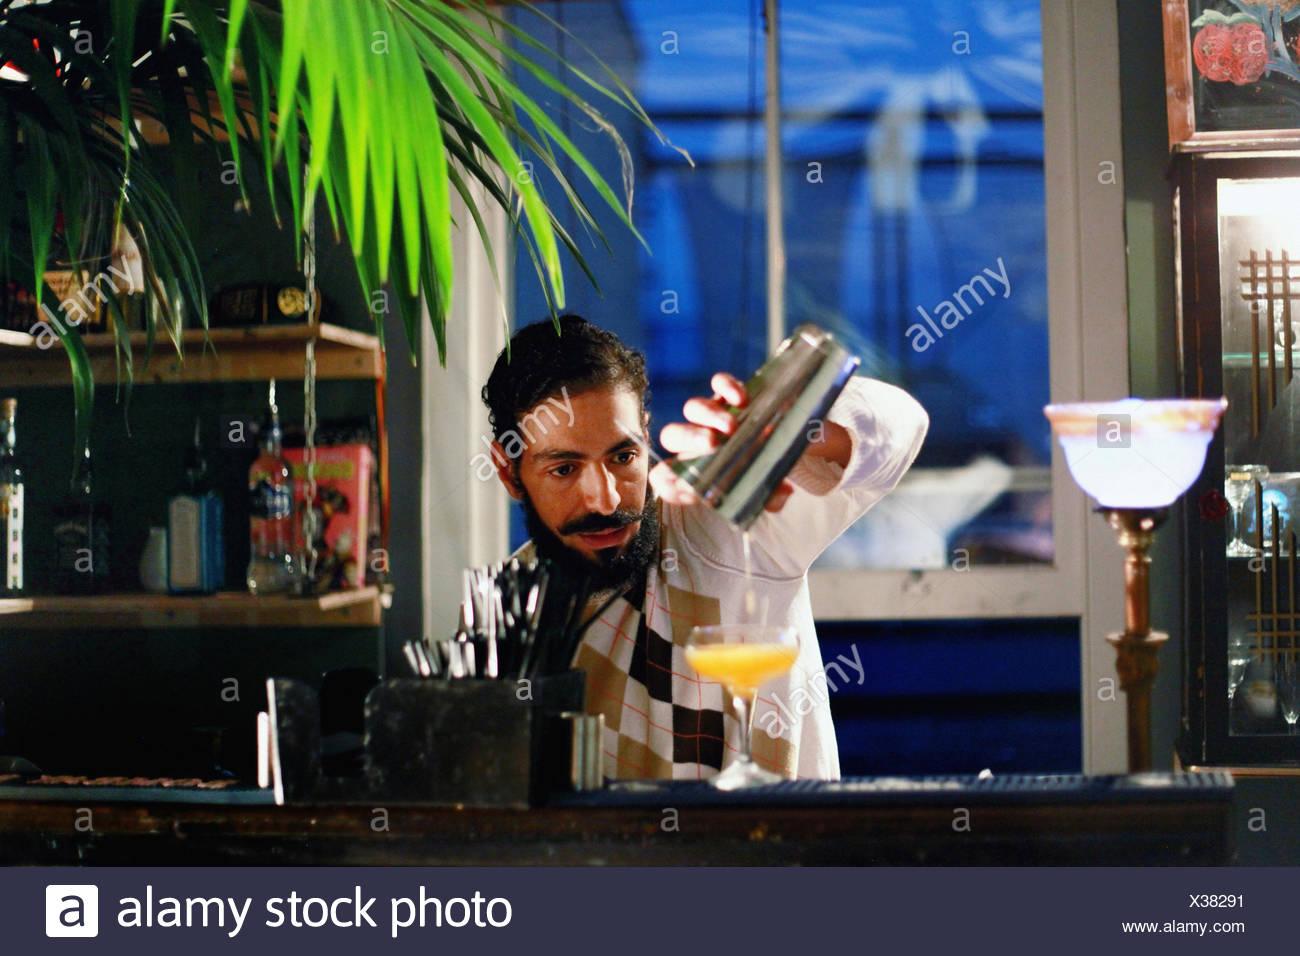 Bartender serving cocktail at bar - Stock Image